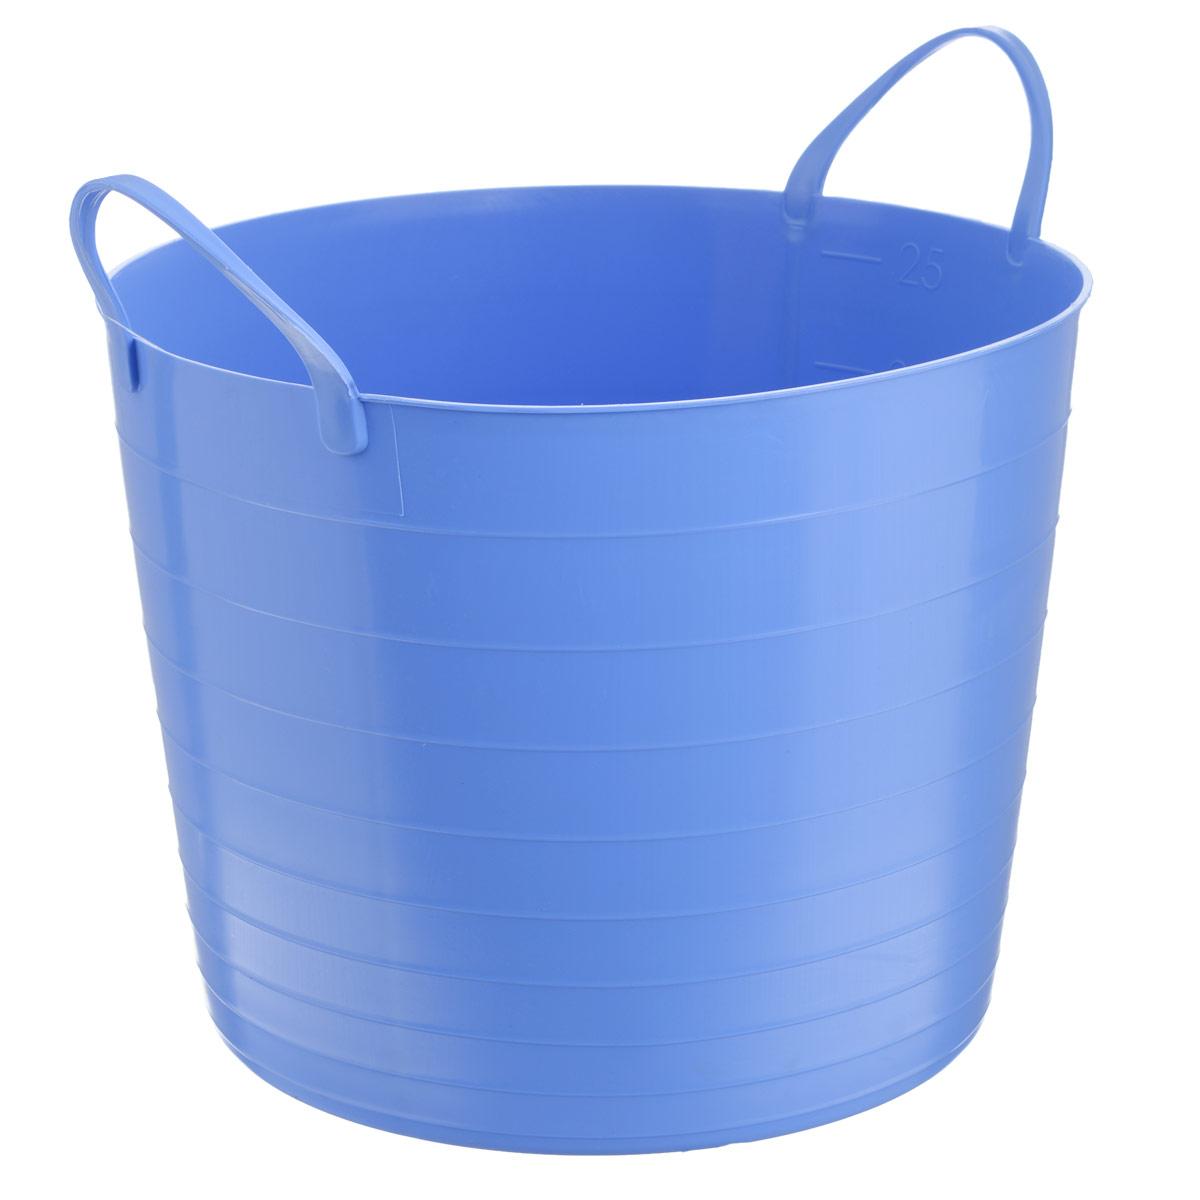 Корзина мягкая Idea, цвет: сиреневый, 27 лCLP446Мягкая корзина Idea изготовлена из гибкого пластика, оснащена двумя удобными ручками. Внутренняя поверхность имеет отметки литража. Такой корзинке можно найти множество применений в быту: она подойдет для строительства, для сбора фруктов, овощей и грибов, для хранения бытовых предметов. Такая корзина пригодится в любом хозяйстве.